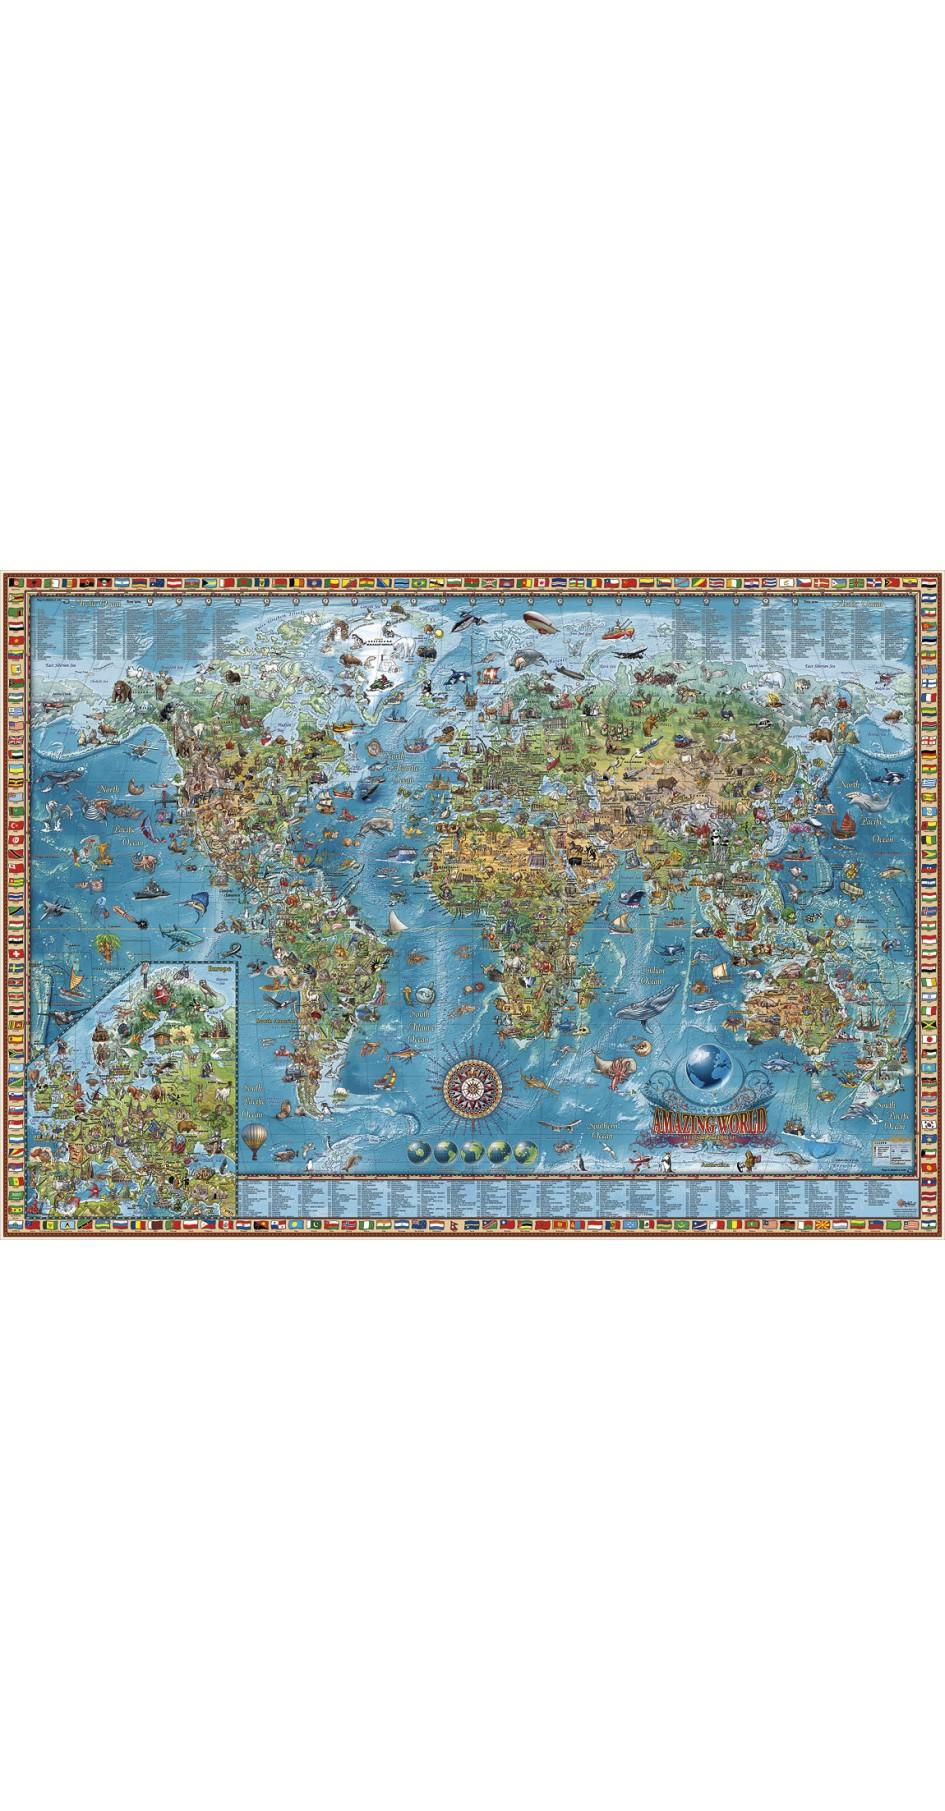 Rayworld Amazing Map 137 x 97 cm